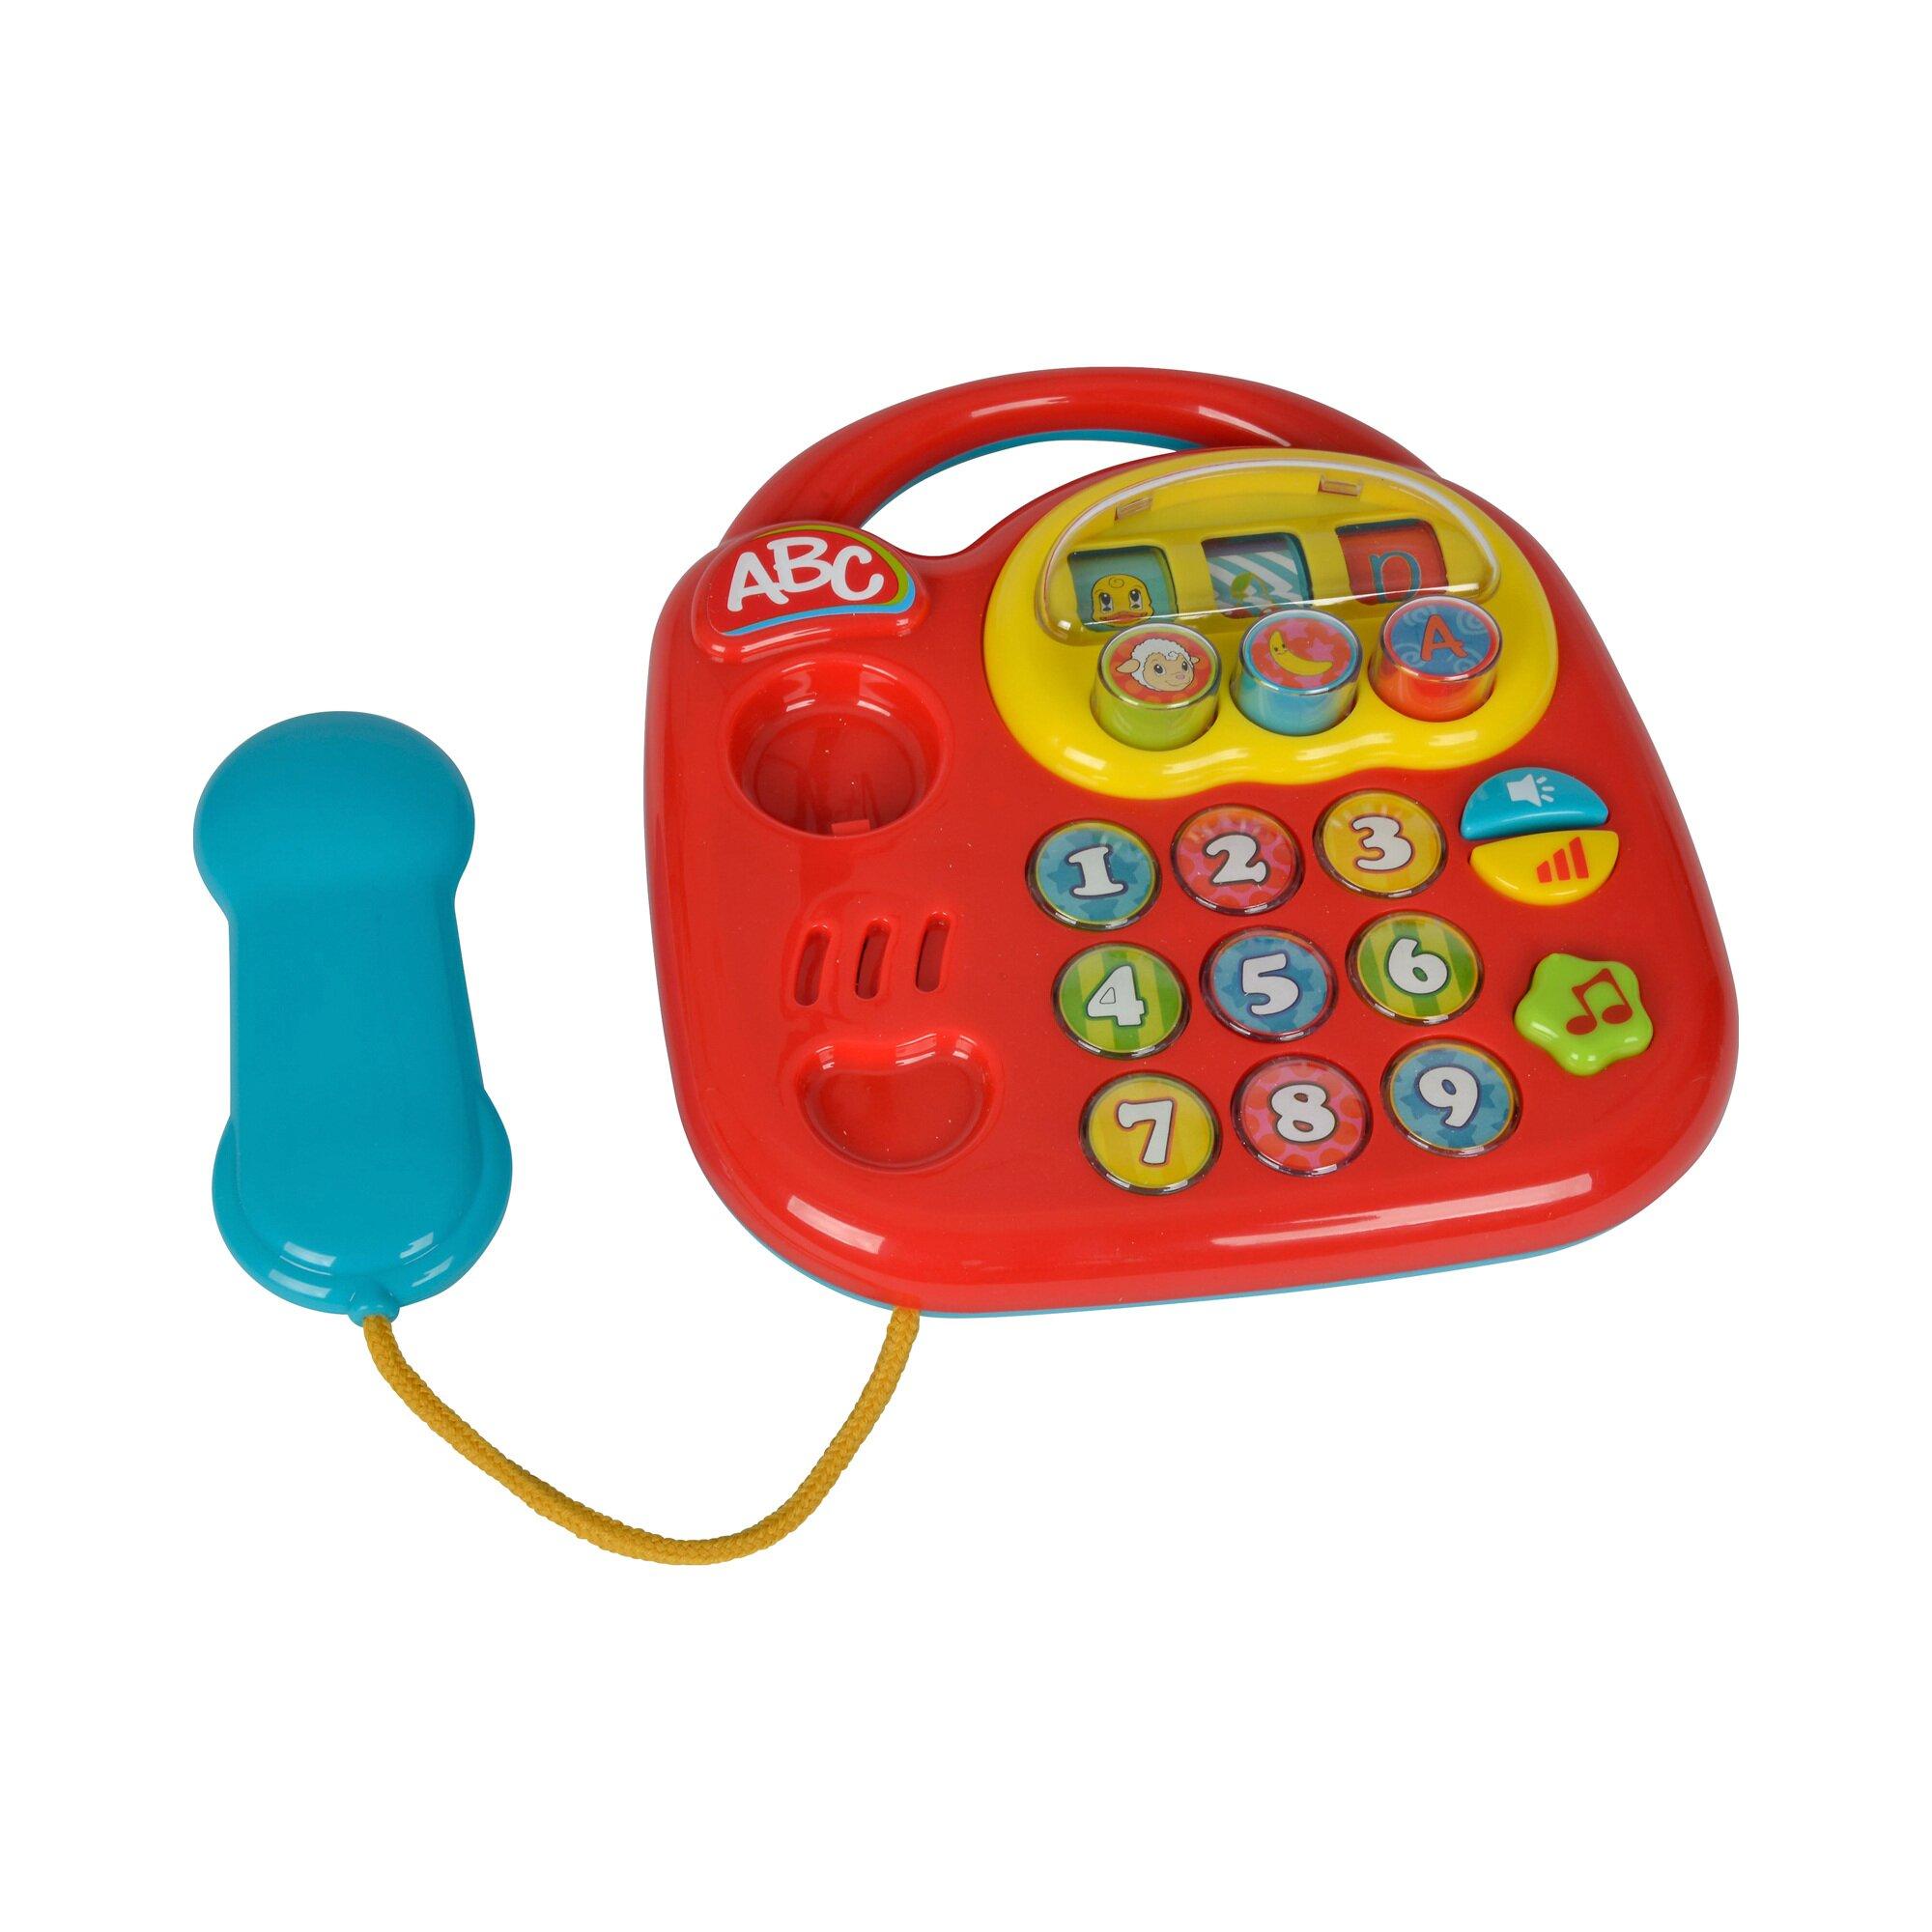 simba-abc-telefon-2-fach-sortiert